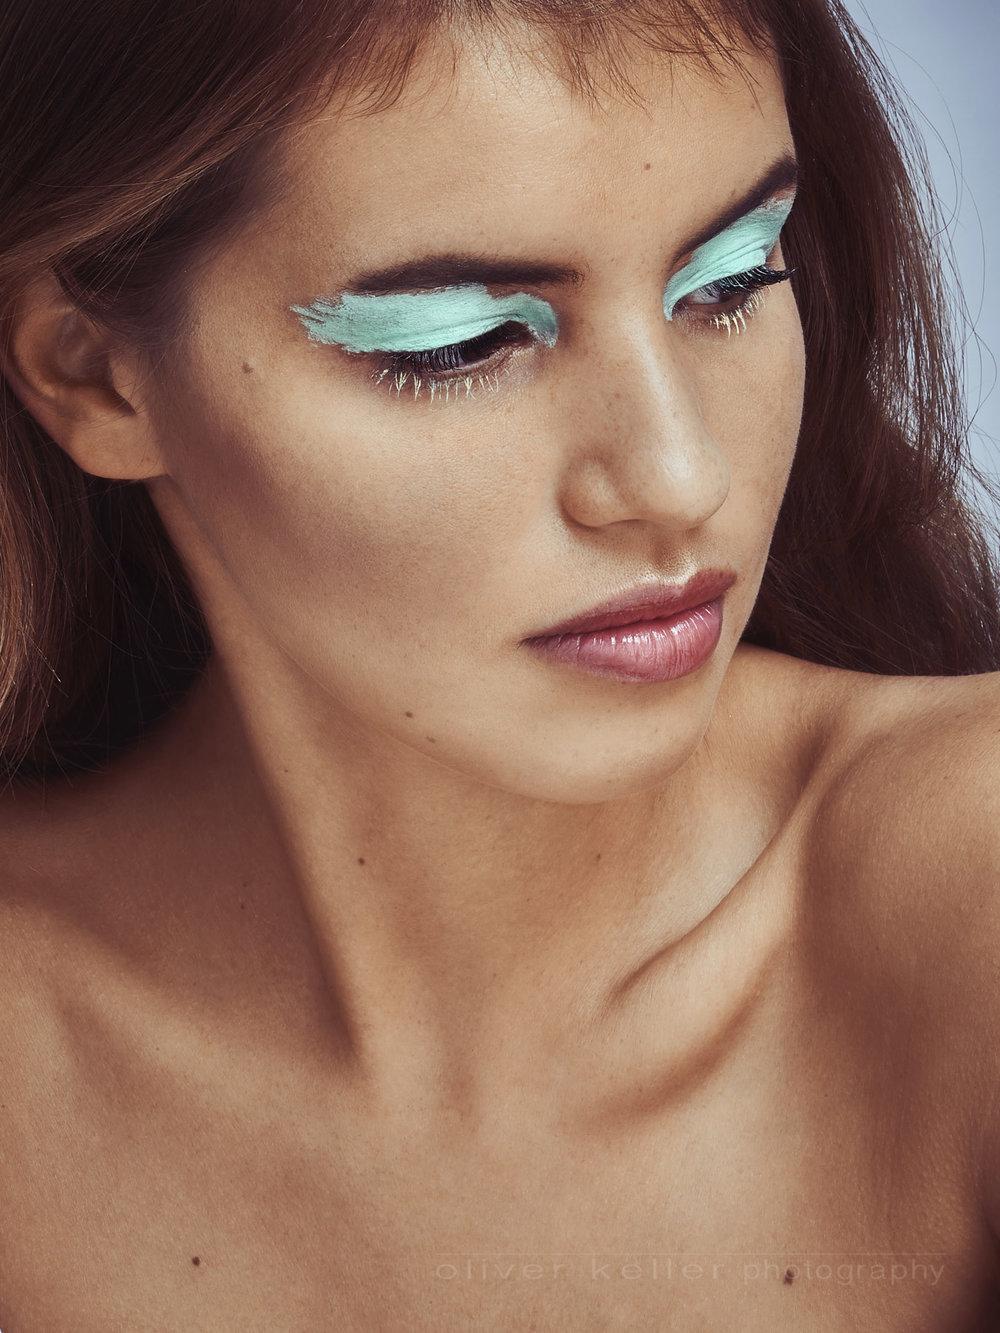 2019-02-14-pastel-make-up-Rebekka4083.jpg